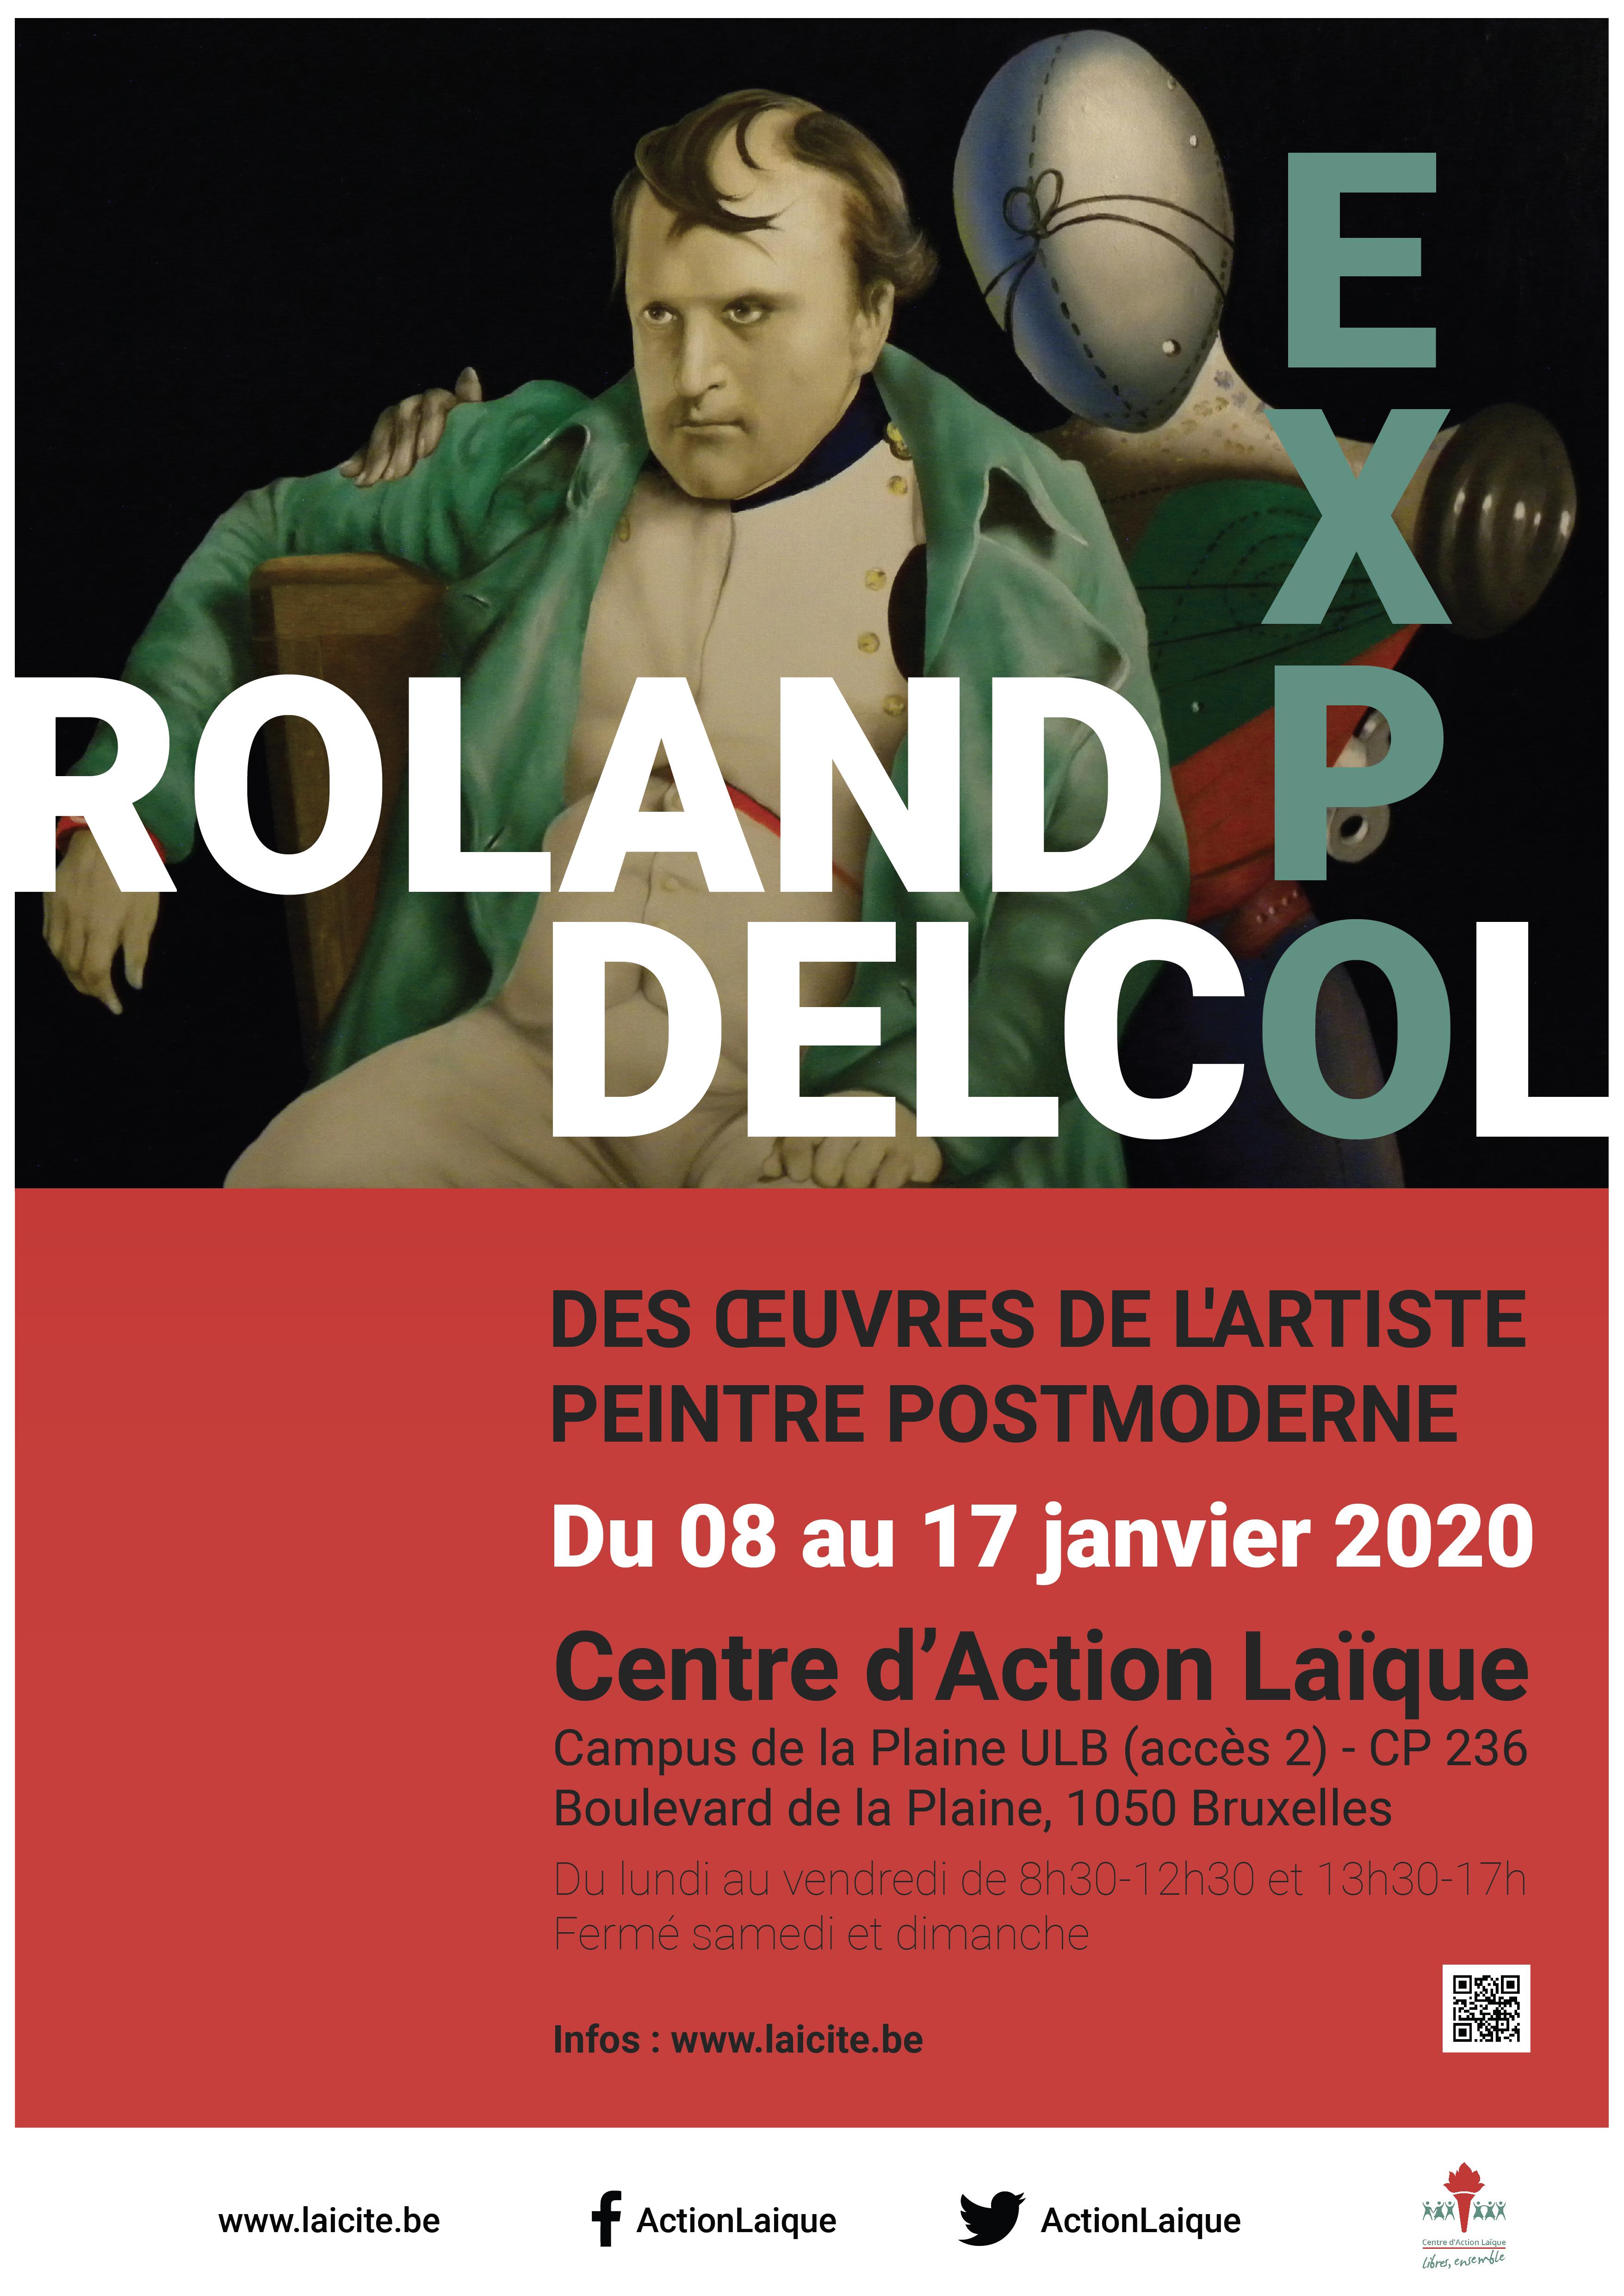 Exposition des œuvres de l'artiste peintre postmoderne, Roland Delcol